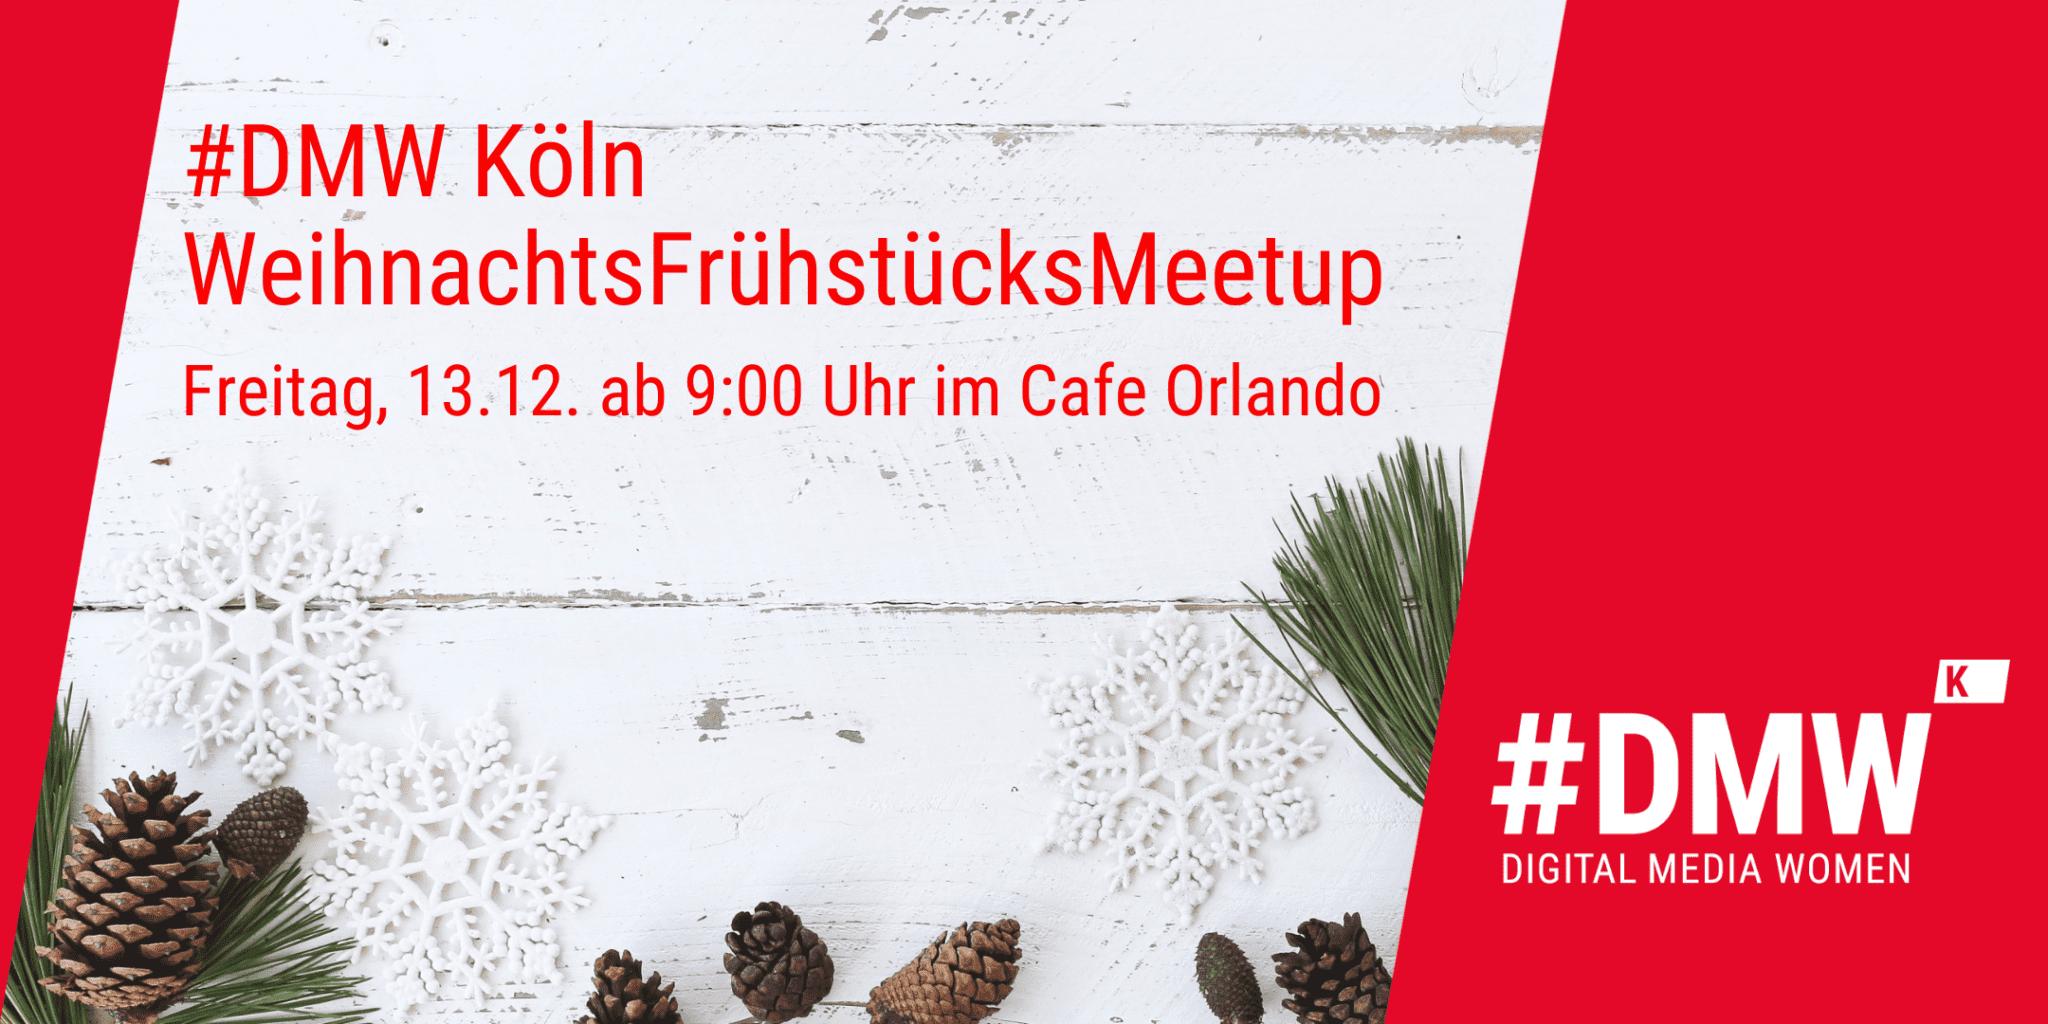 #DMW köln Frühstücks Meetup im Cafe Orlando